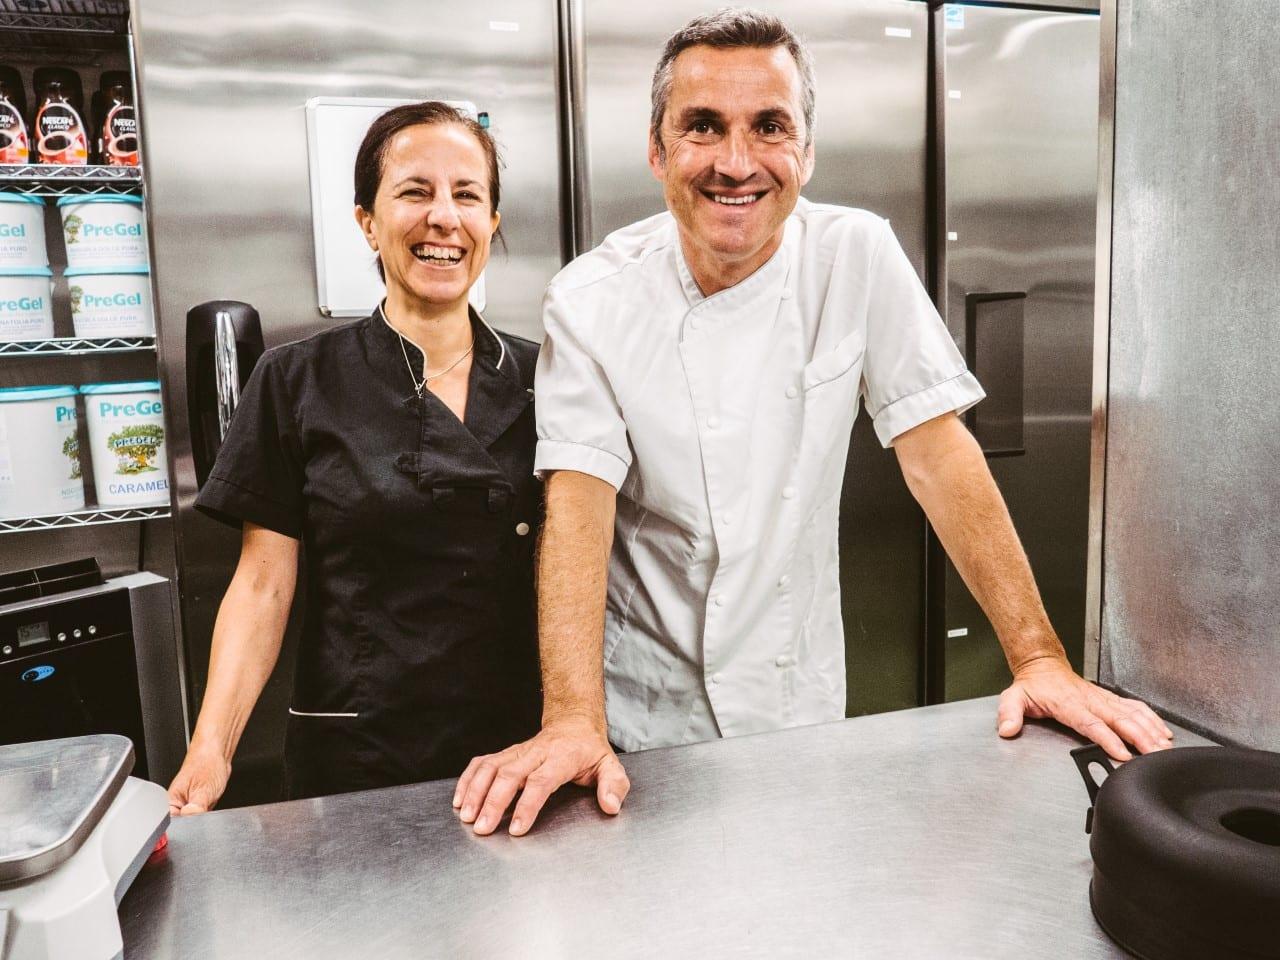 Executive Gelato Chef Monica Maccioni and Owner Andrea Racca